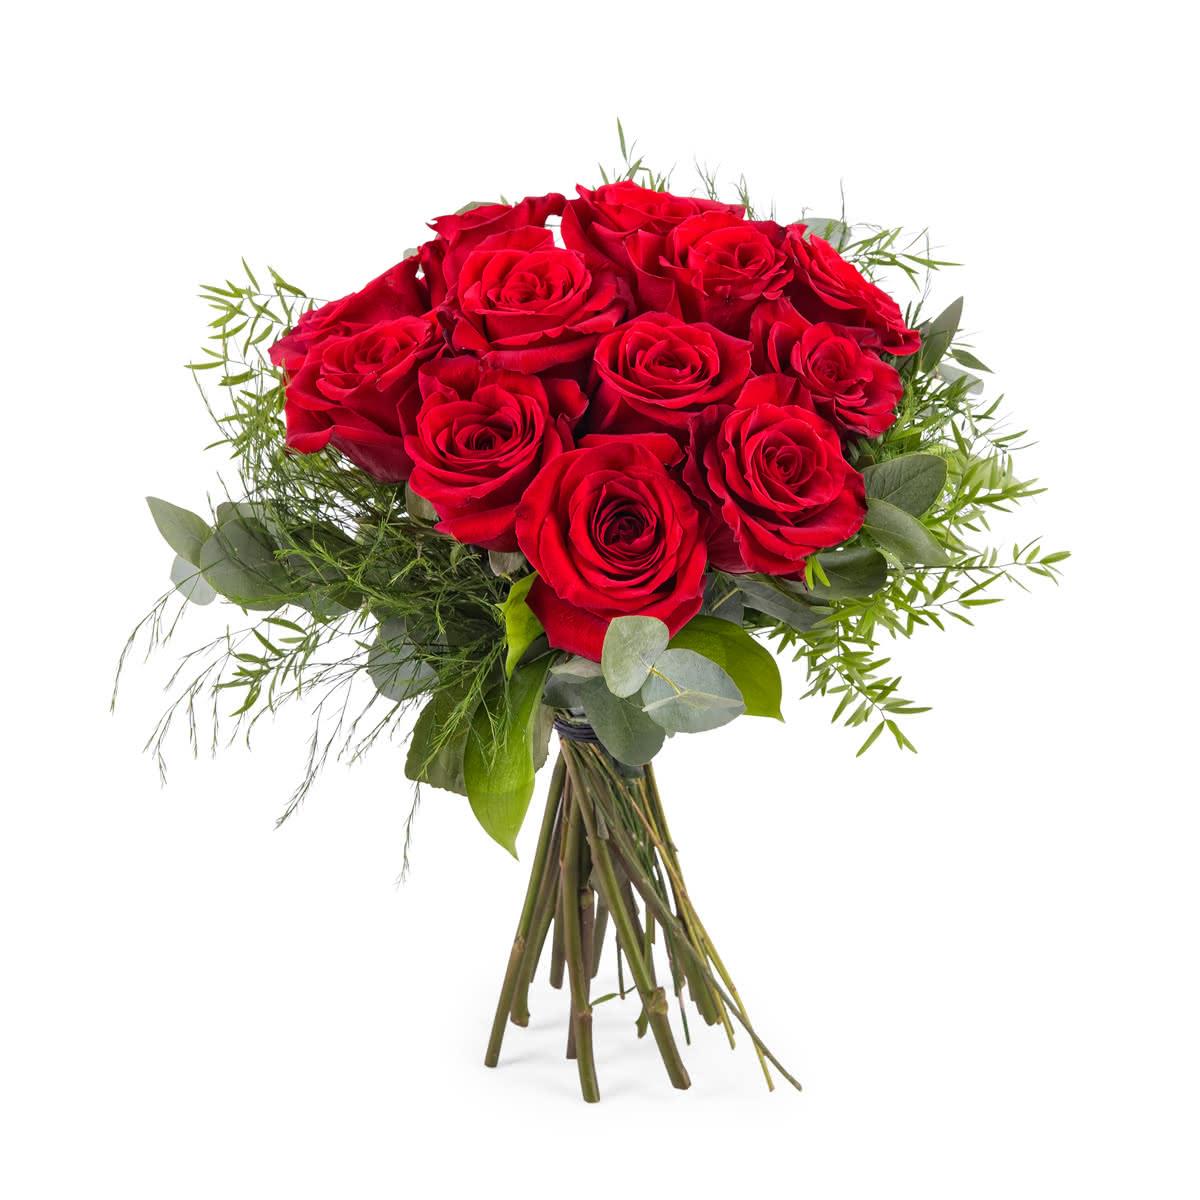 Desejo, 12 Rosas Vermelhas de Pé Curto